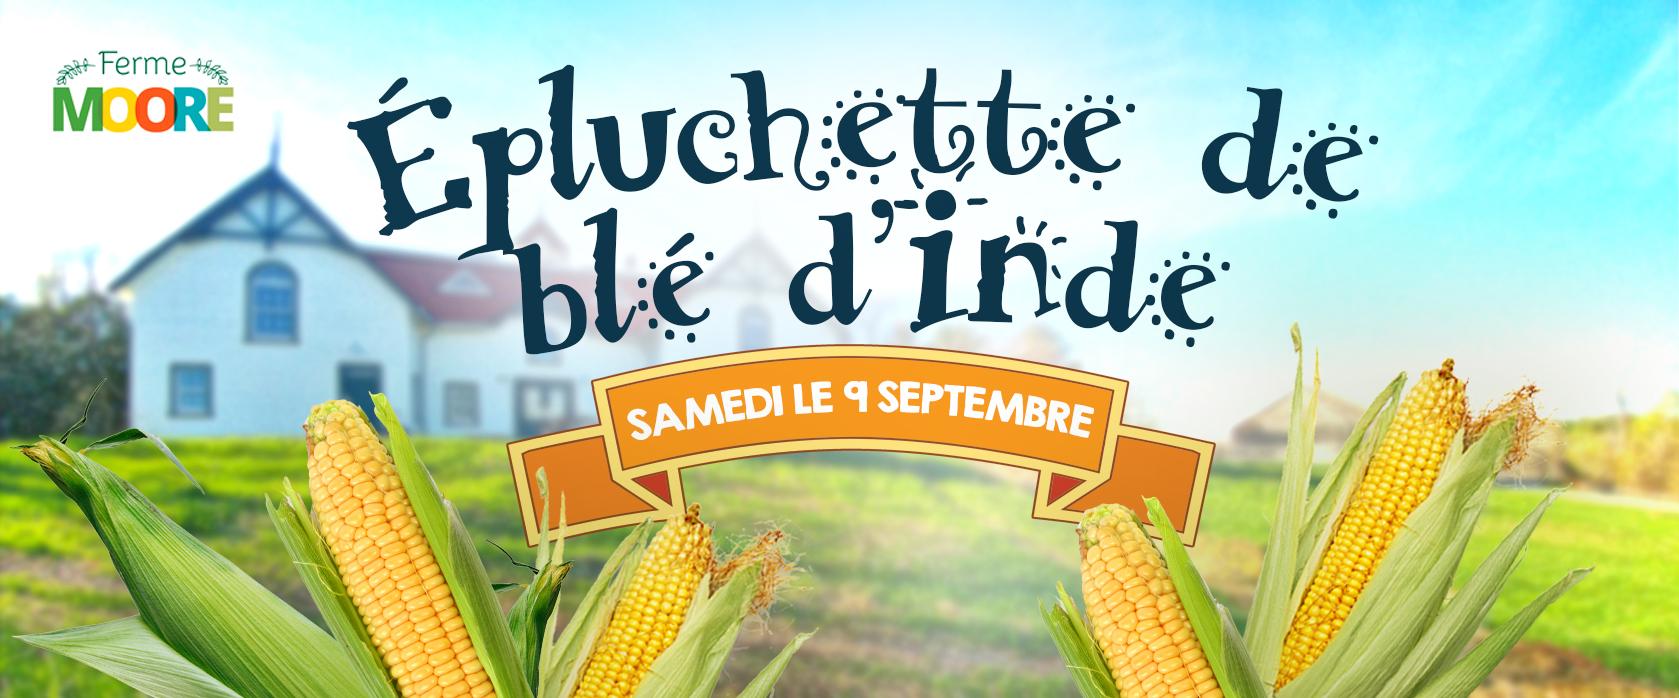 Epluchette-ble-dinde-Manoir-des-trembles_2017_2